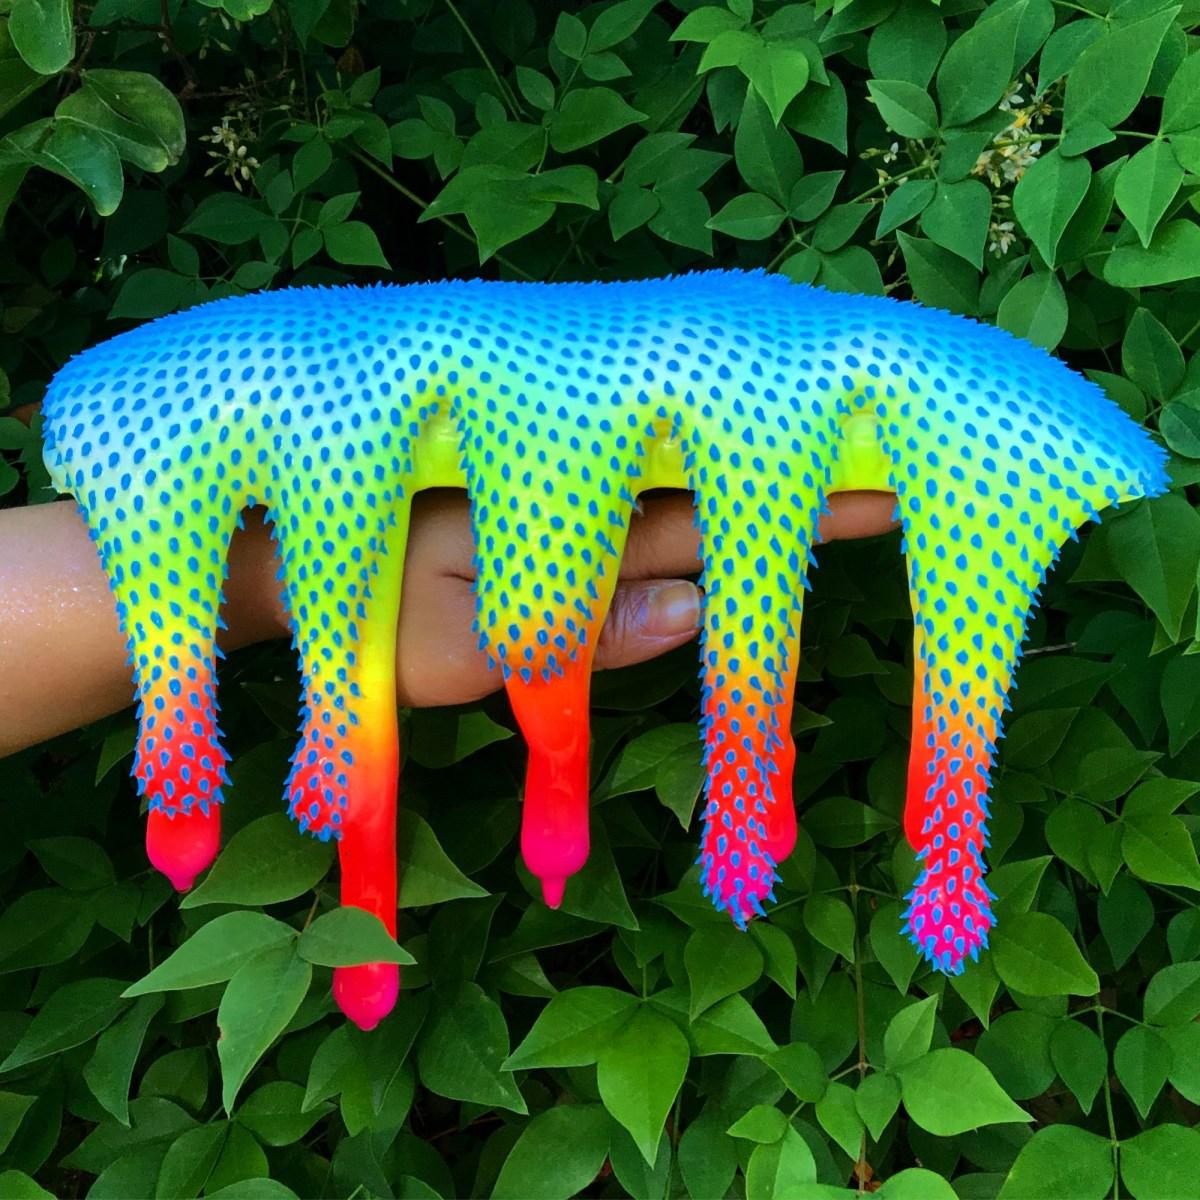 Dan Lam sculptures